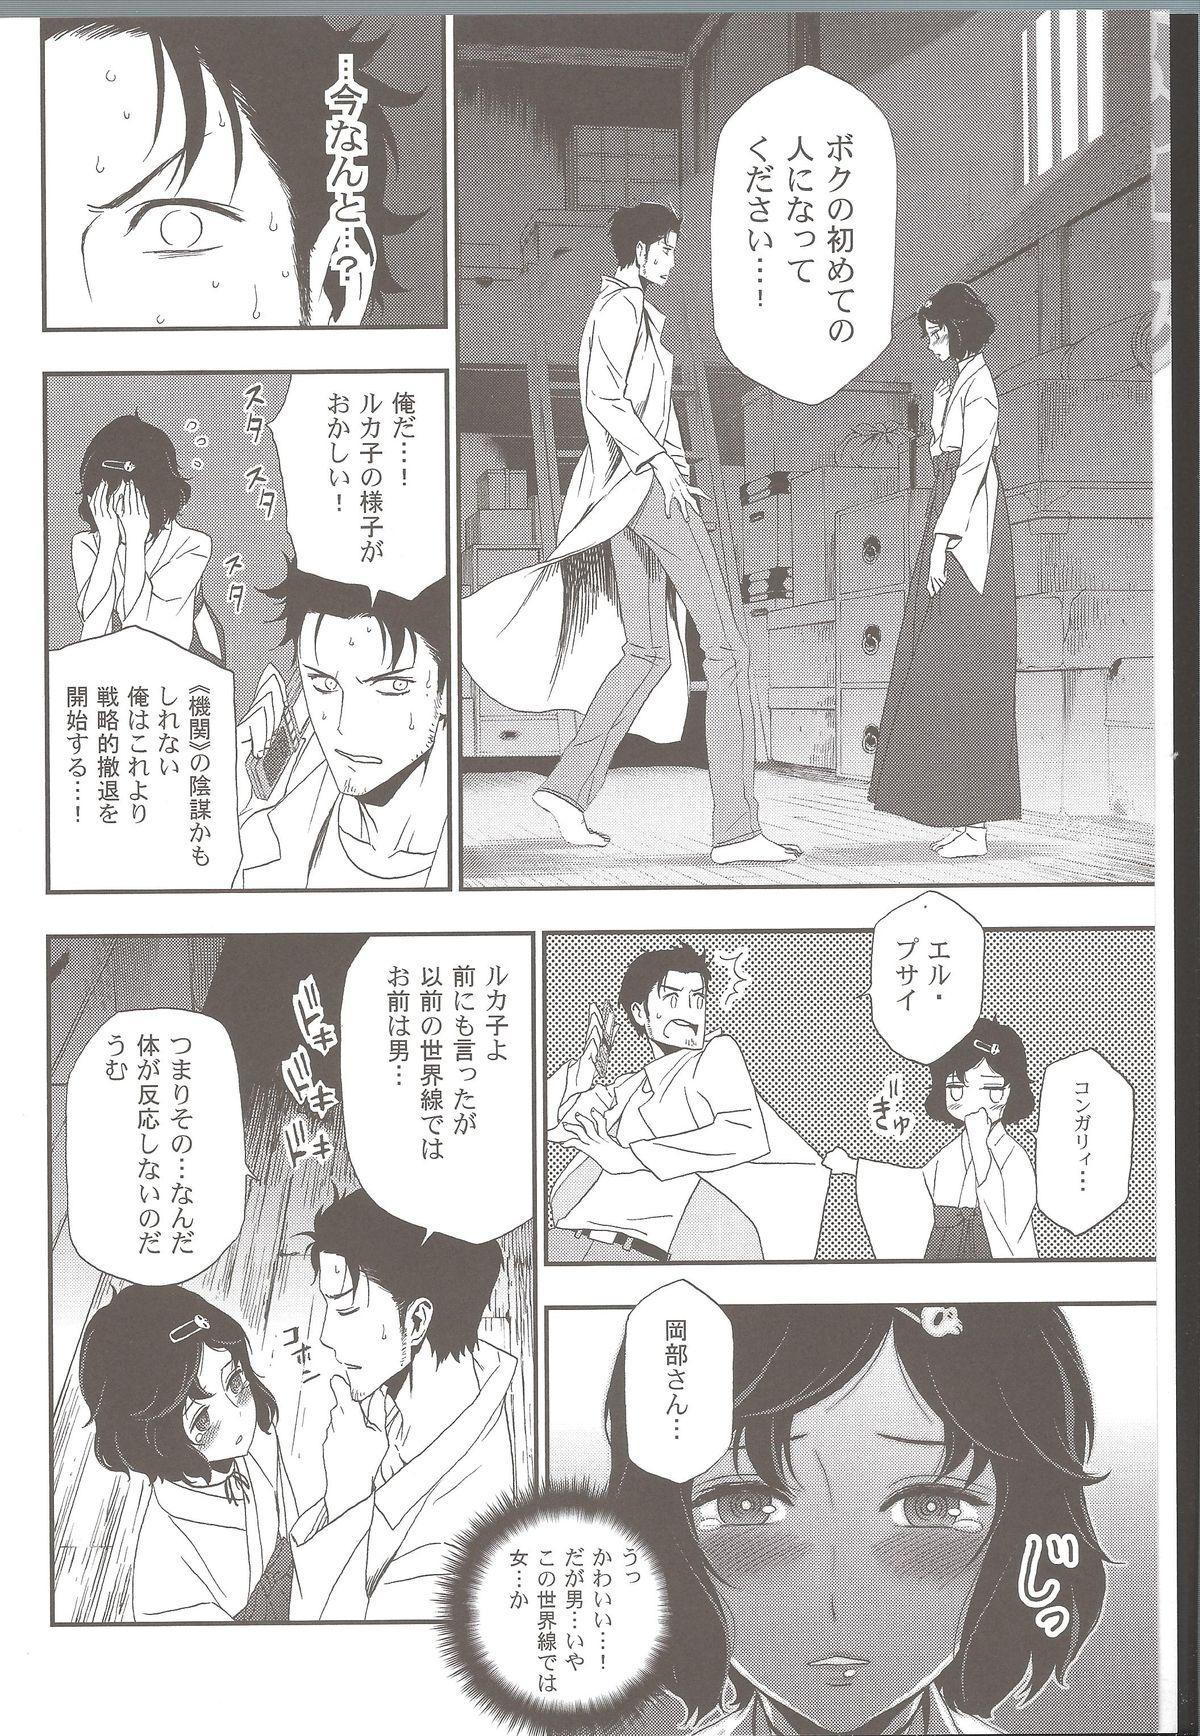 Shiiseishou no Maria 5